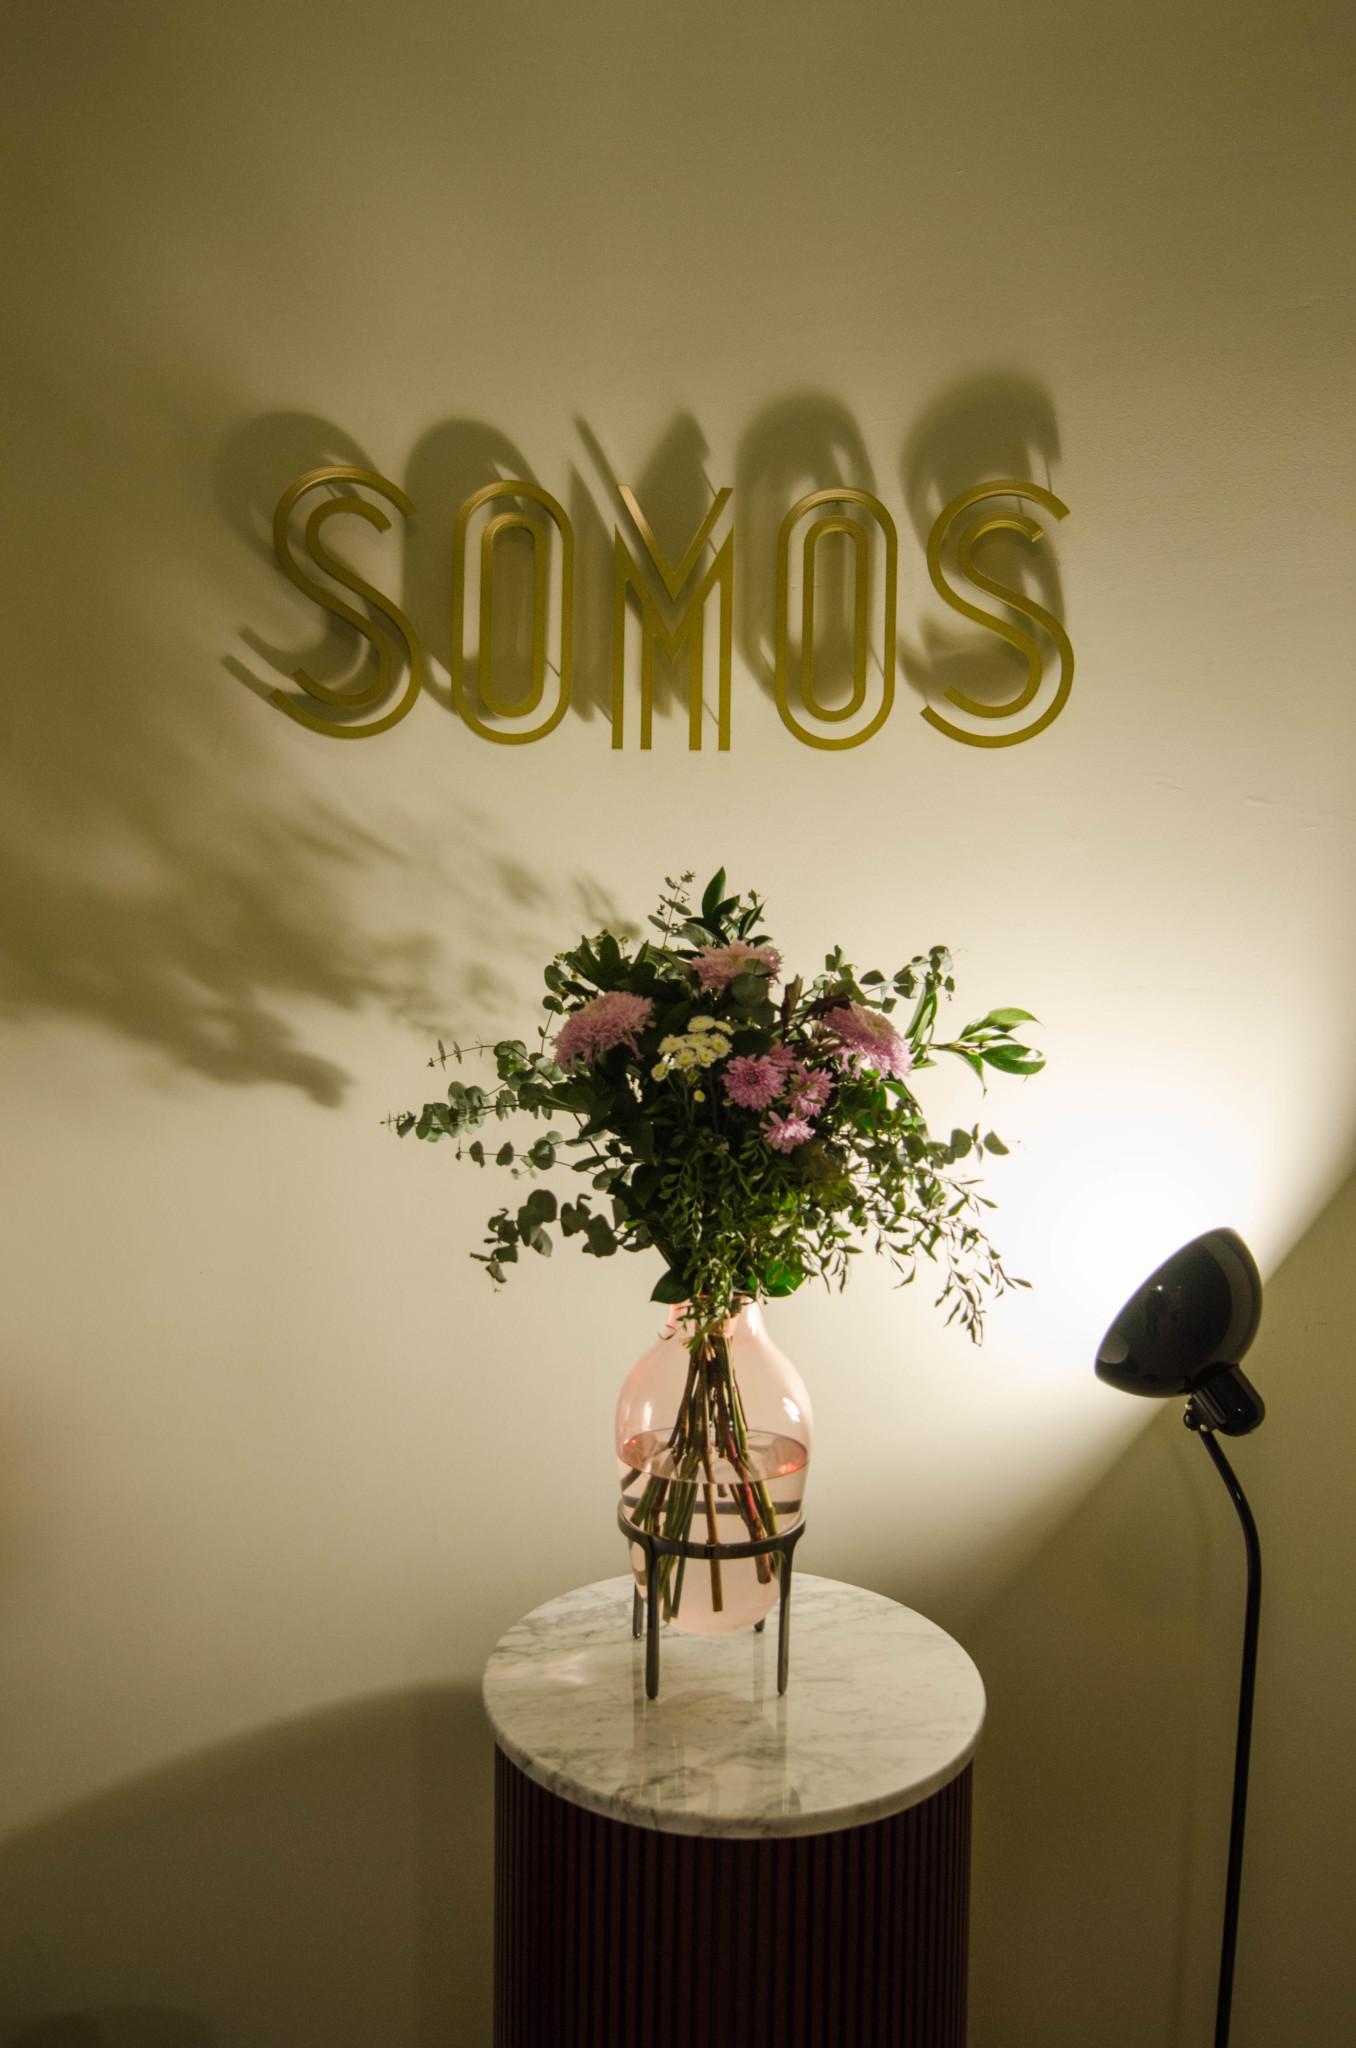 Sonos Restaurant Barcelo Torre Madrid